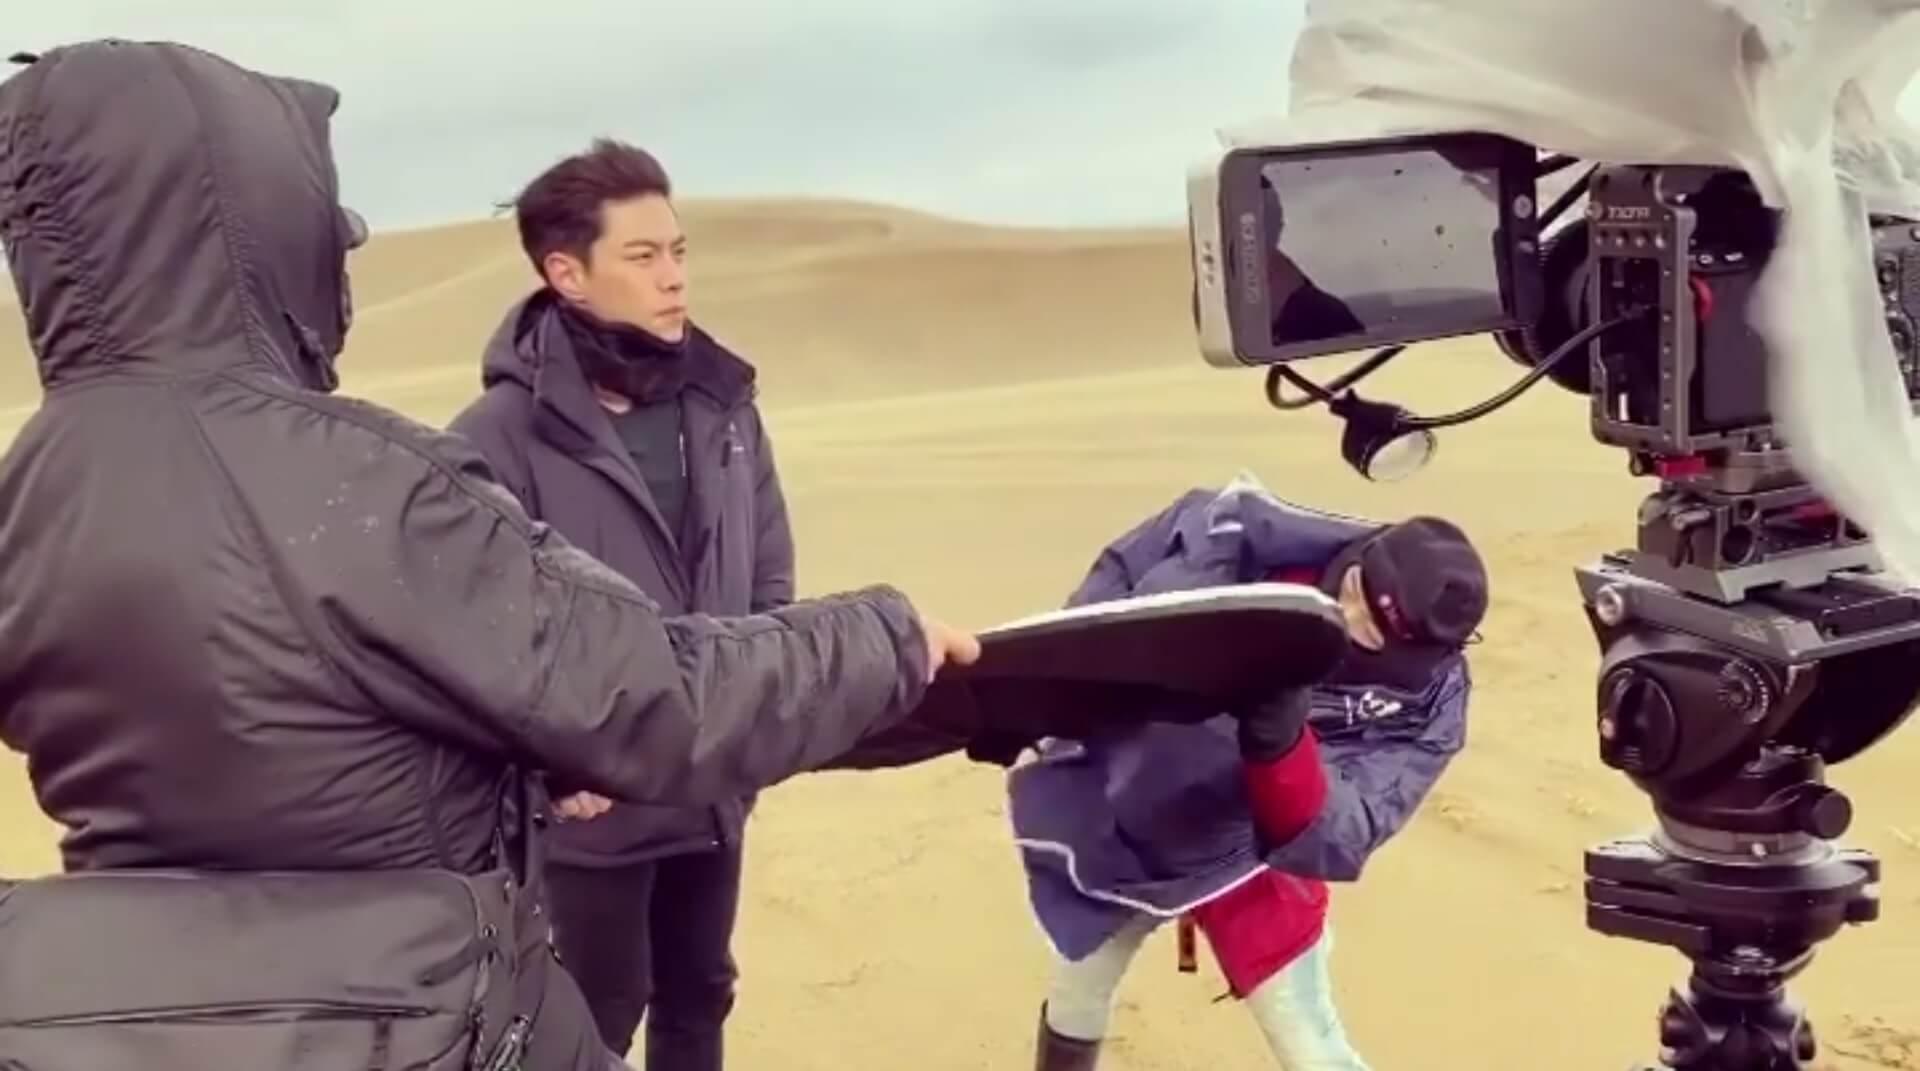 因鳥取砂丘面向日本海,經常刮起大風,只見兩位攞住反光板的工作人員,被吹到搖擺不定,非常吃力才能站穩。